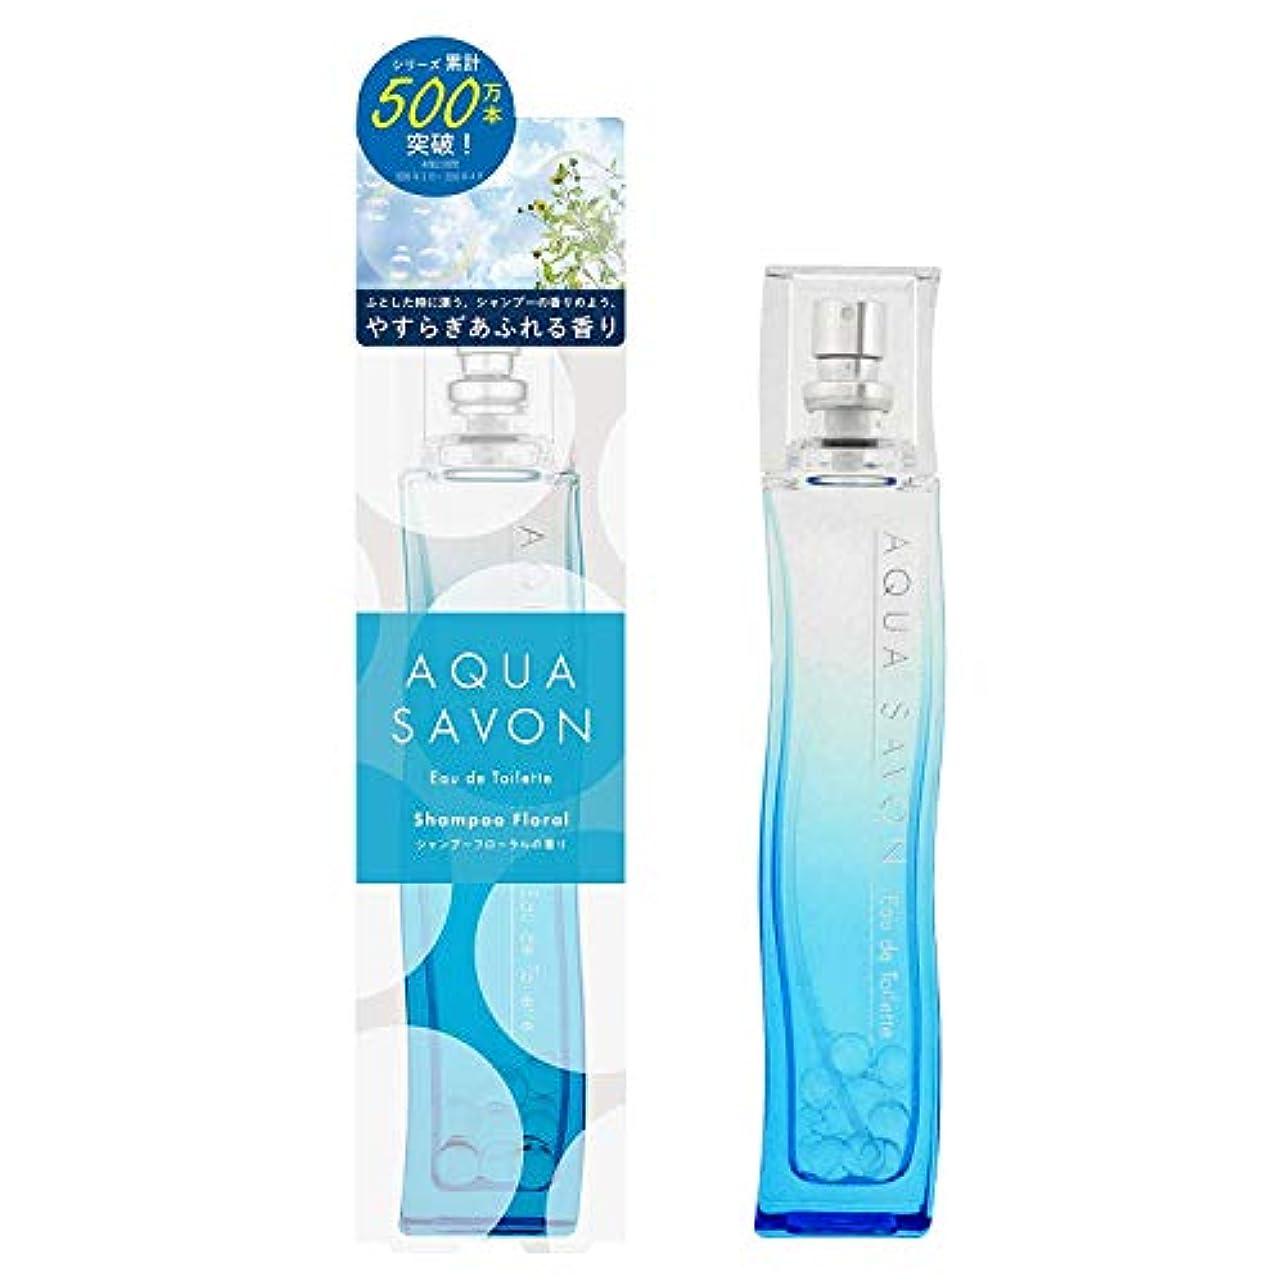 ロマンチック福祉ブルーベルアクアシャボン シャンプーフローラルの香り 80ml(EDT?SP)